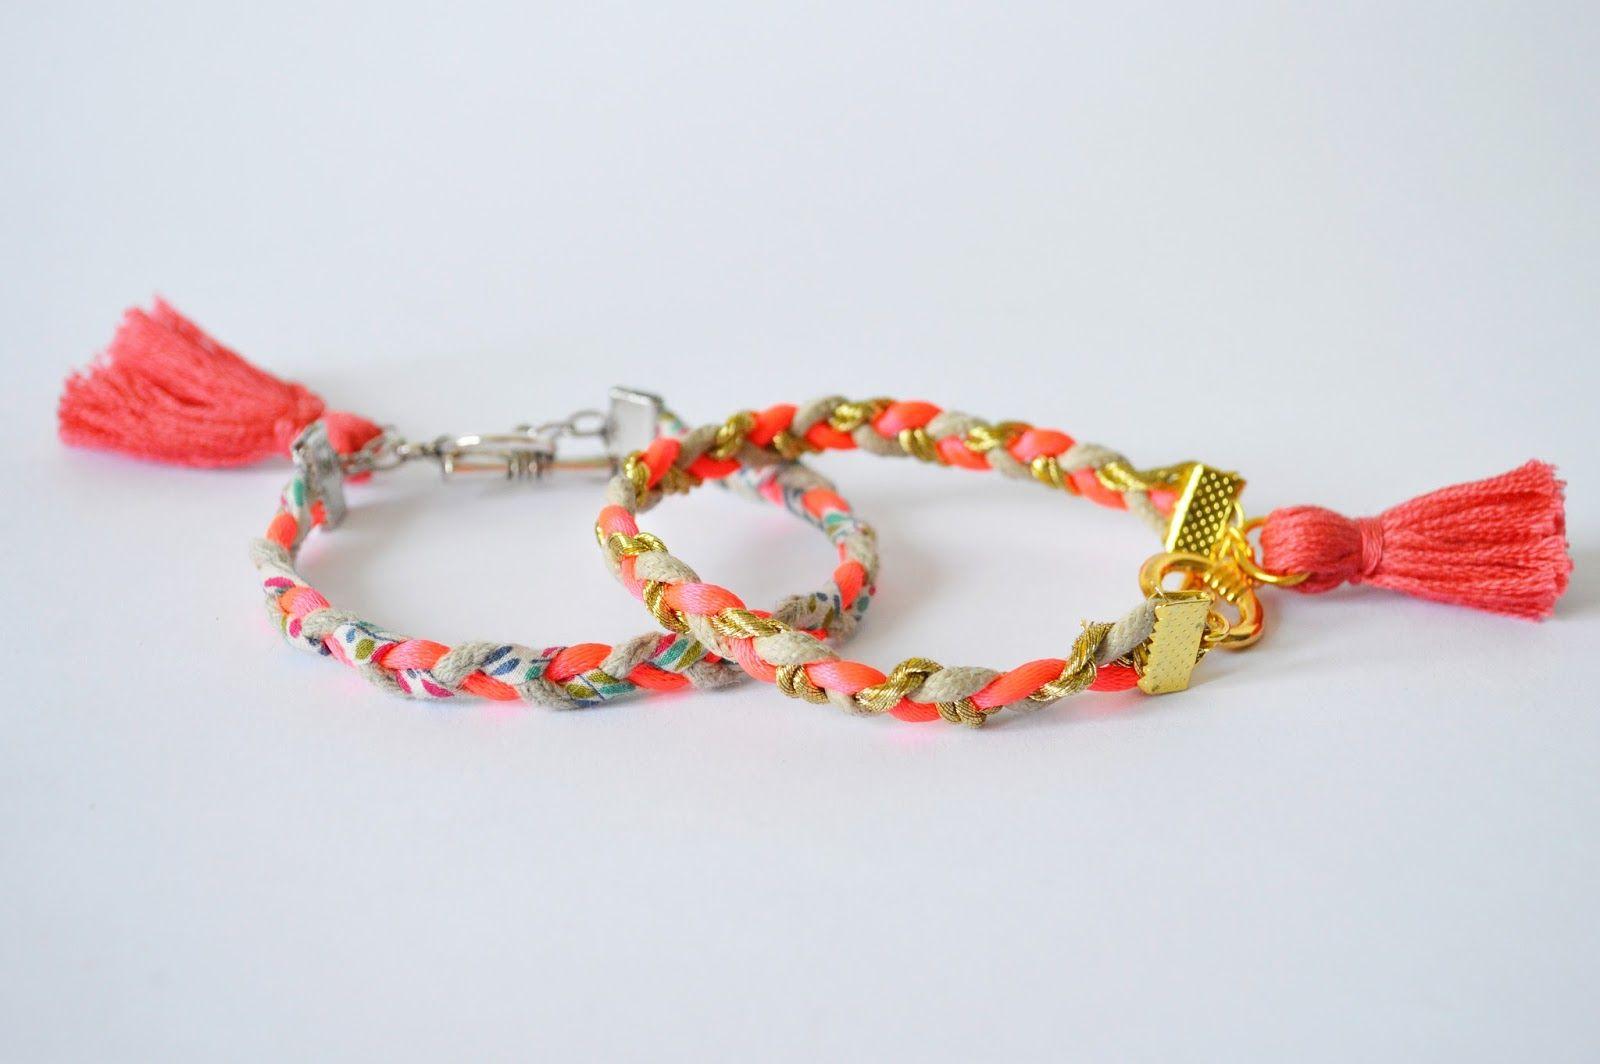 Idée cadeau pour la fête des mères  un tuto rapide et facile à réaliser  pour fabriquer soi,même un petit bracelet d\u0027été pour sa maman.